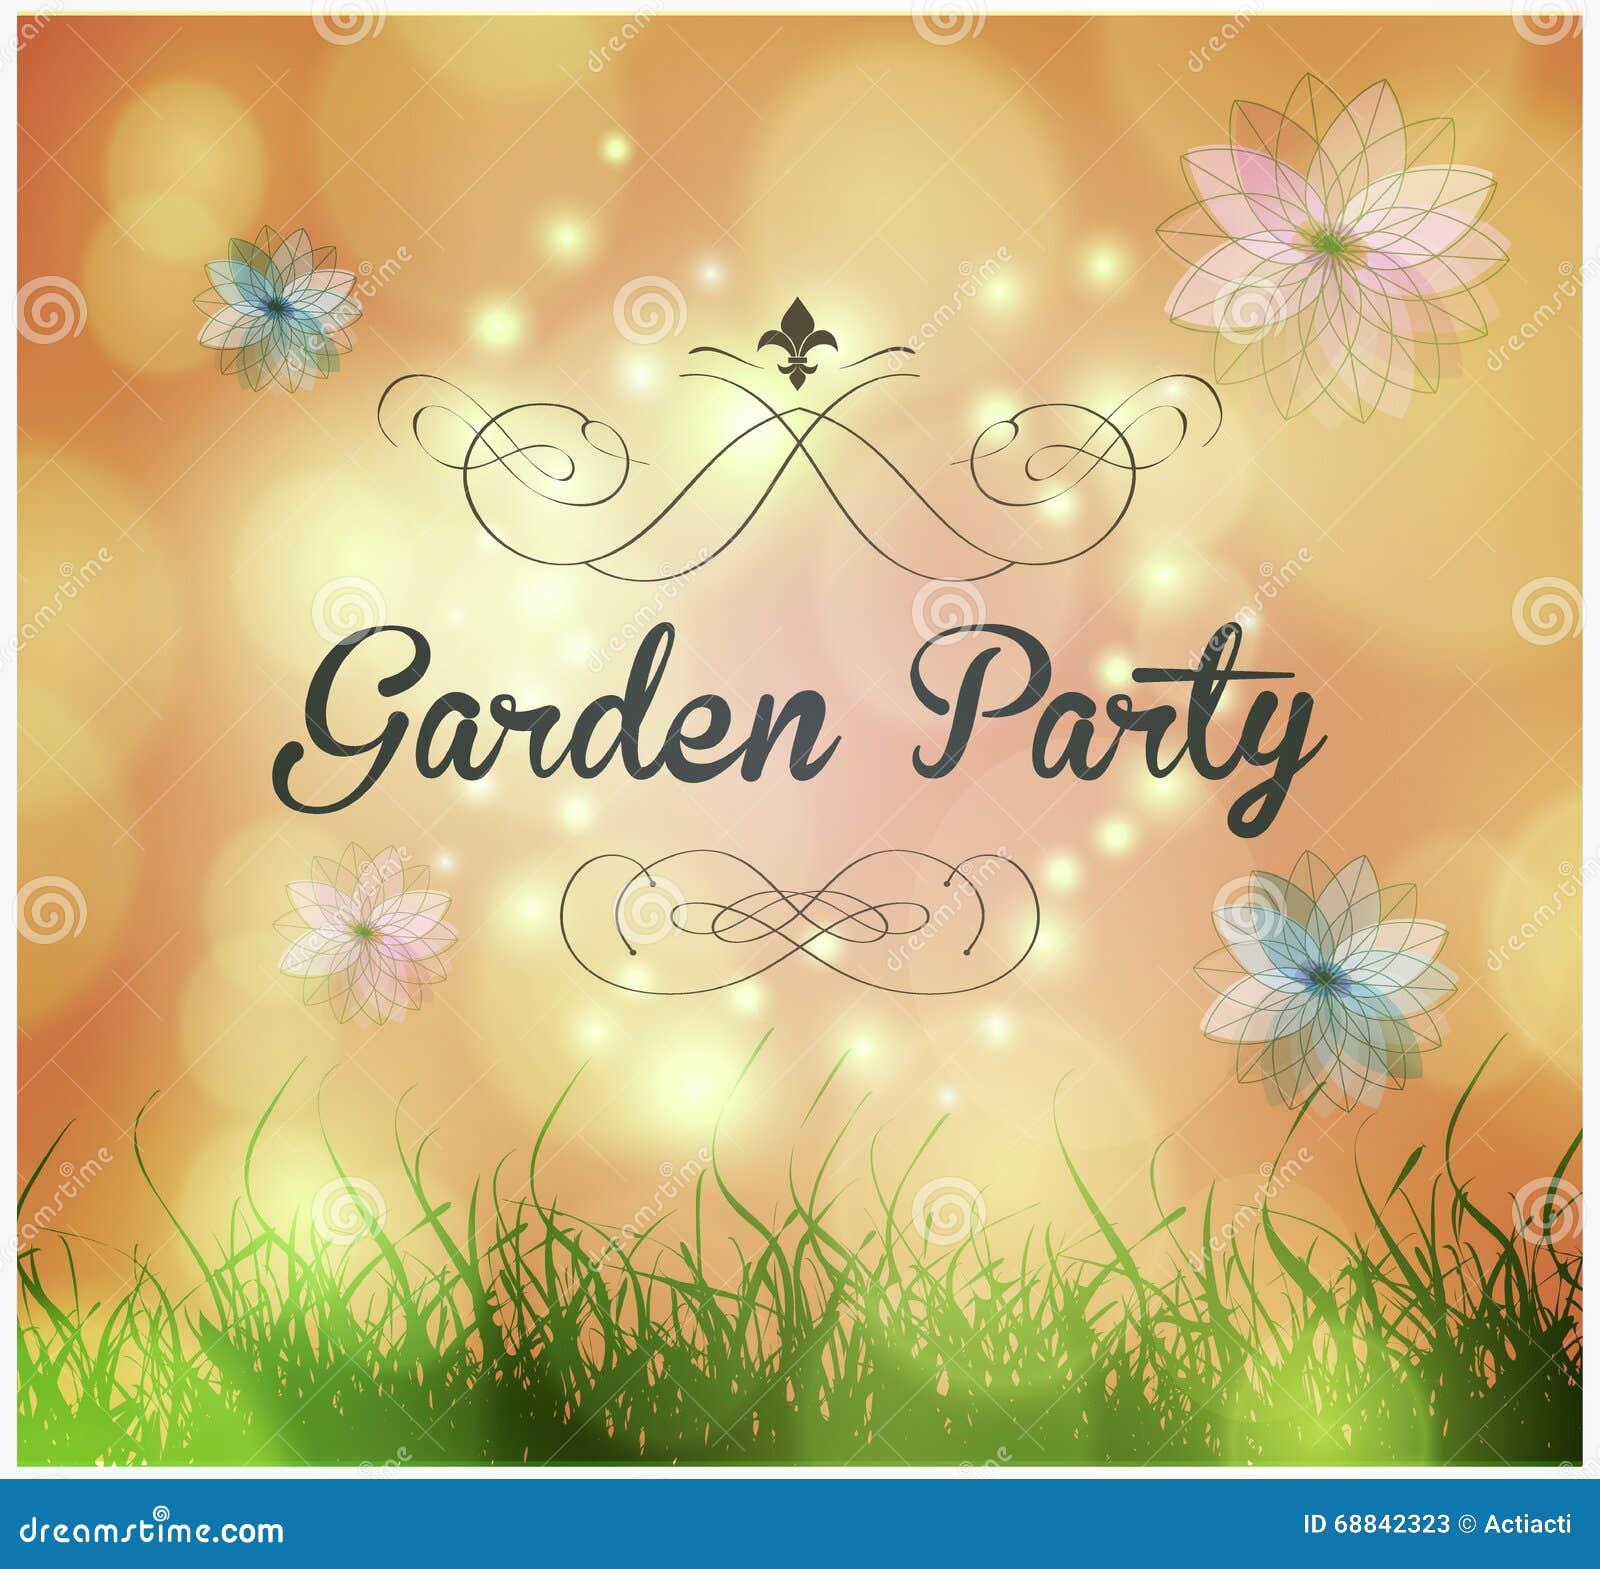 gartenfest-einladung vektor abbildung - bild: 68842323, Einladung